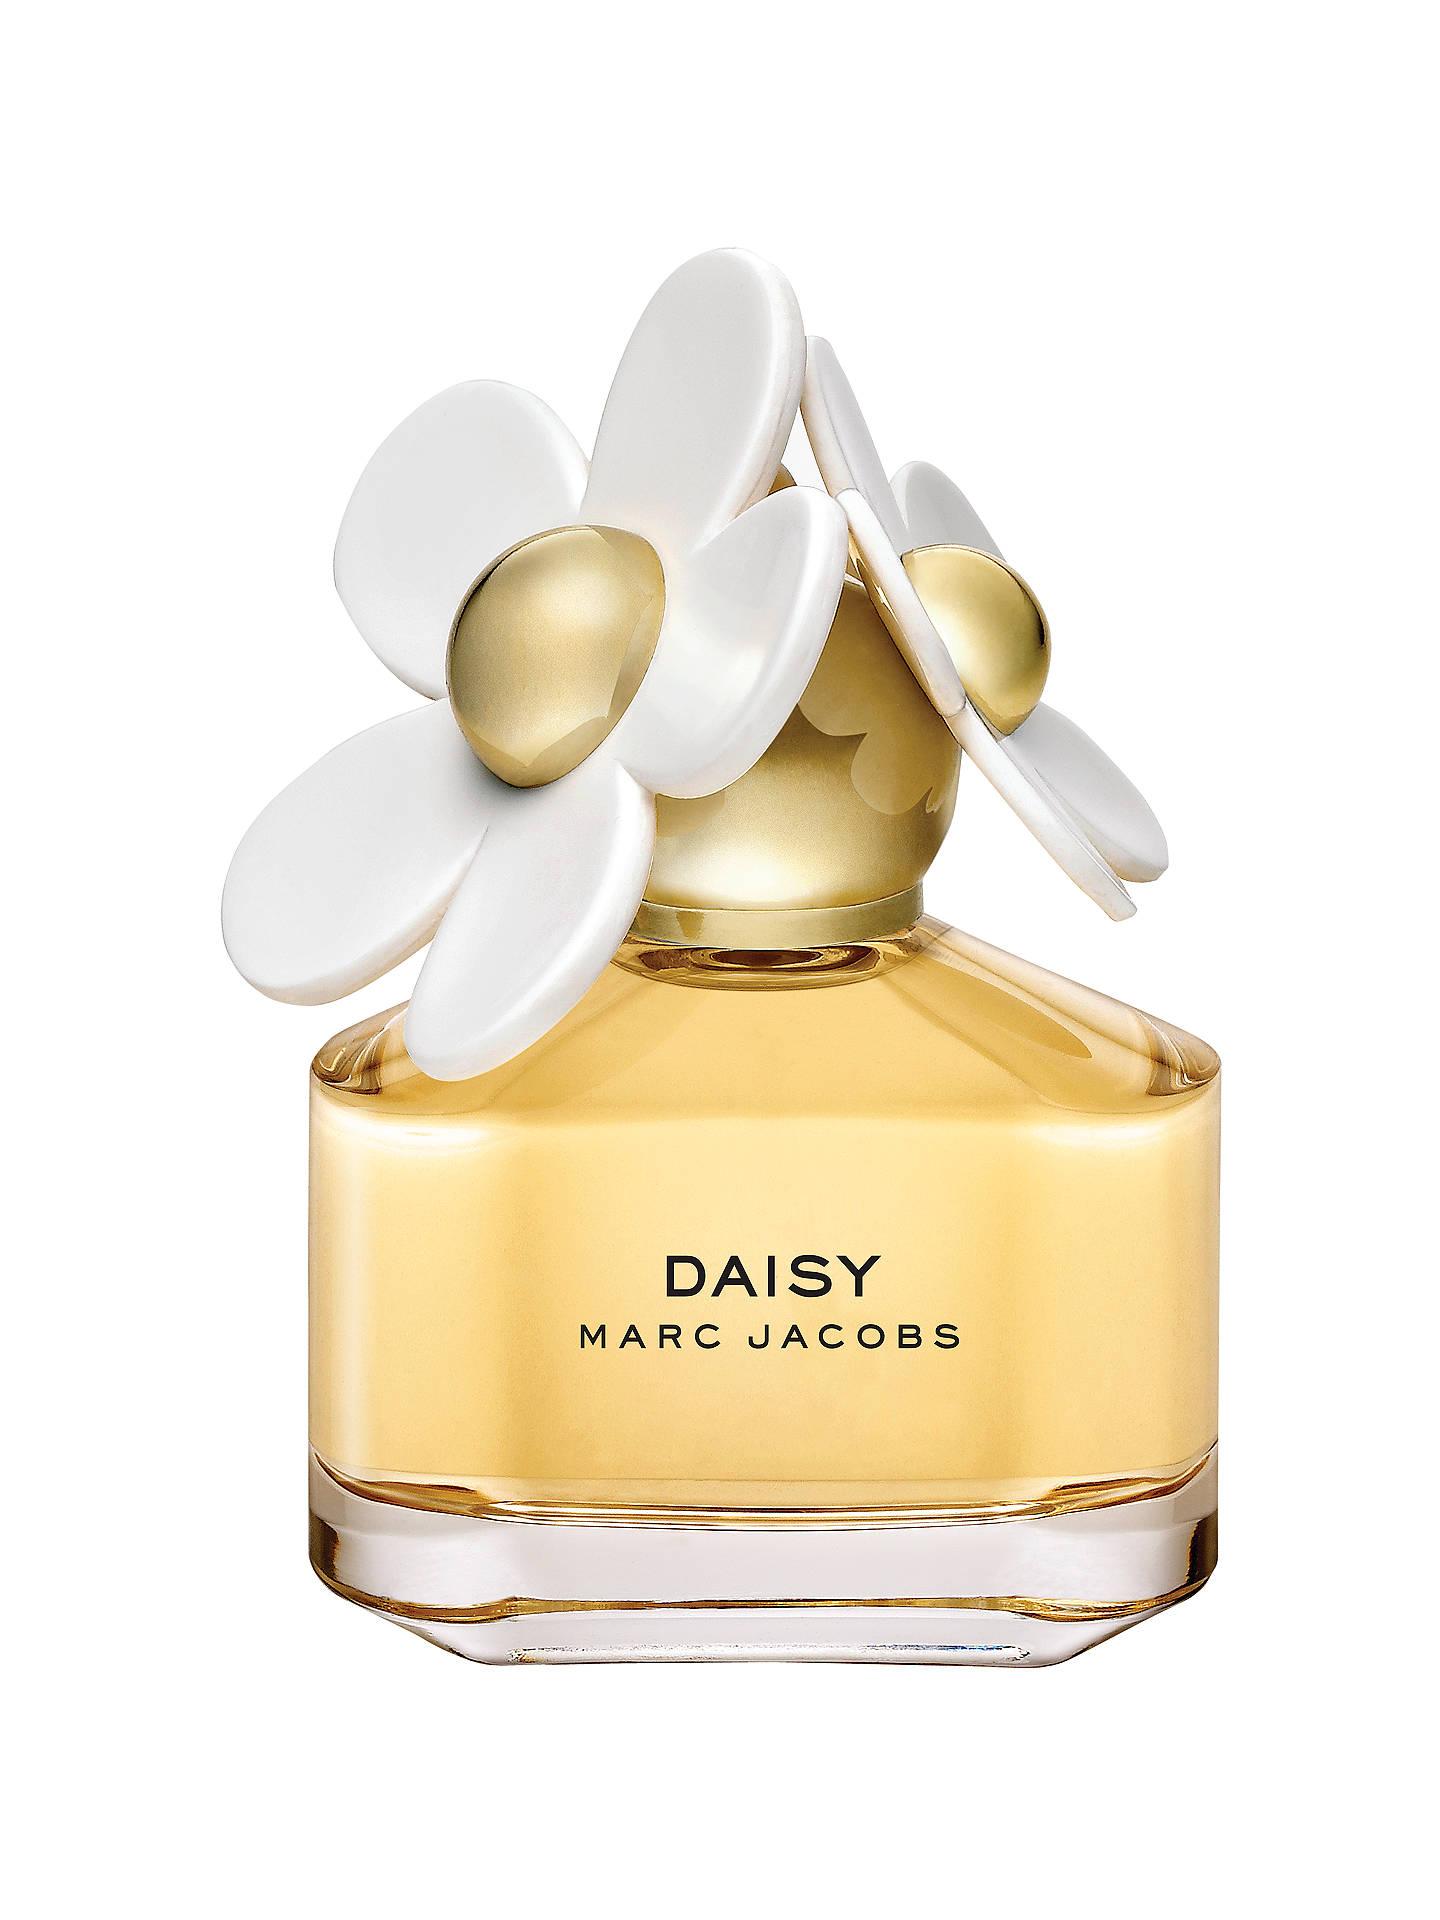 488f619c6619 Marc Jacobs Daisy Eau de Toilette at John Lewis   Partners